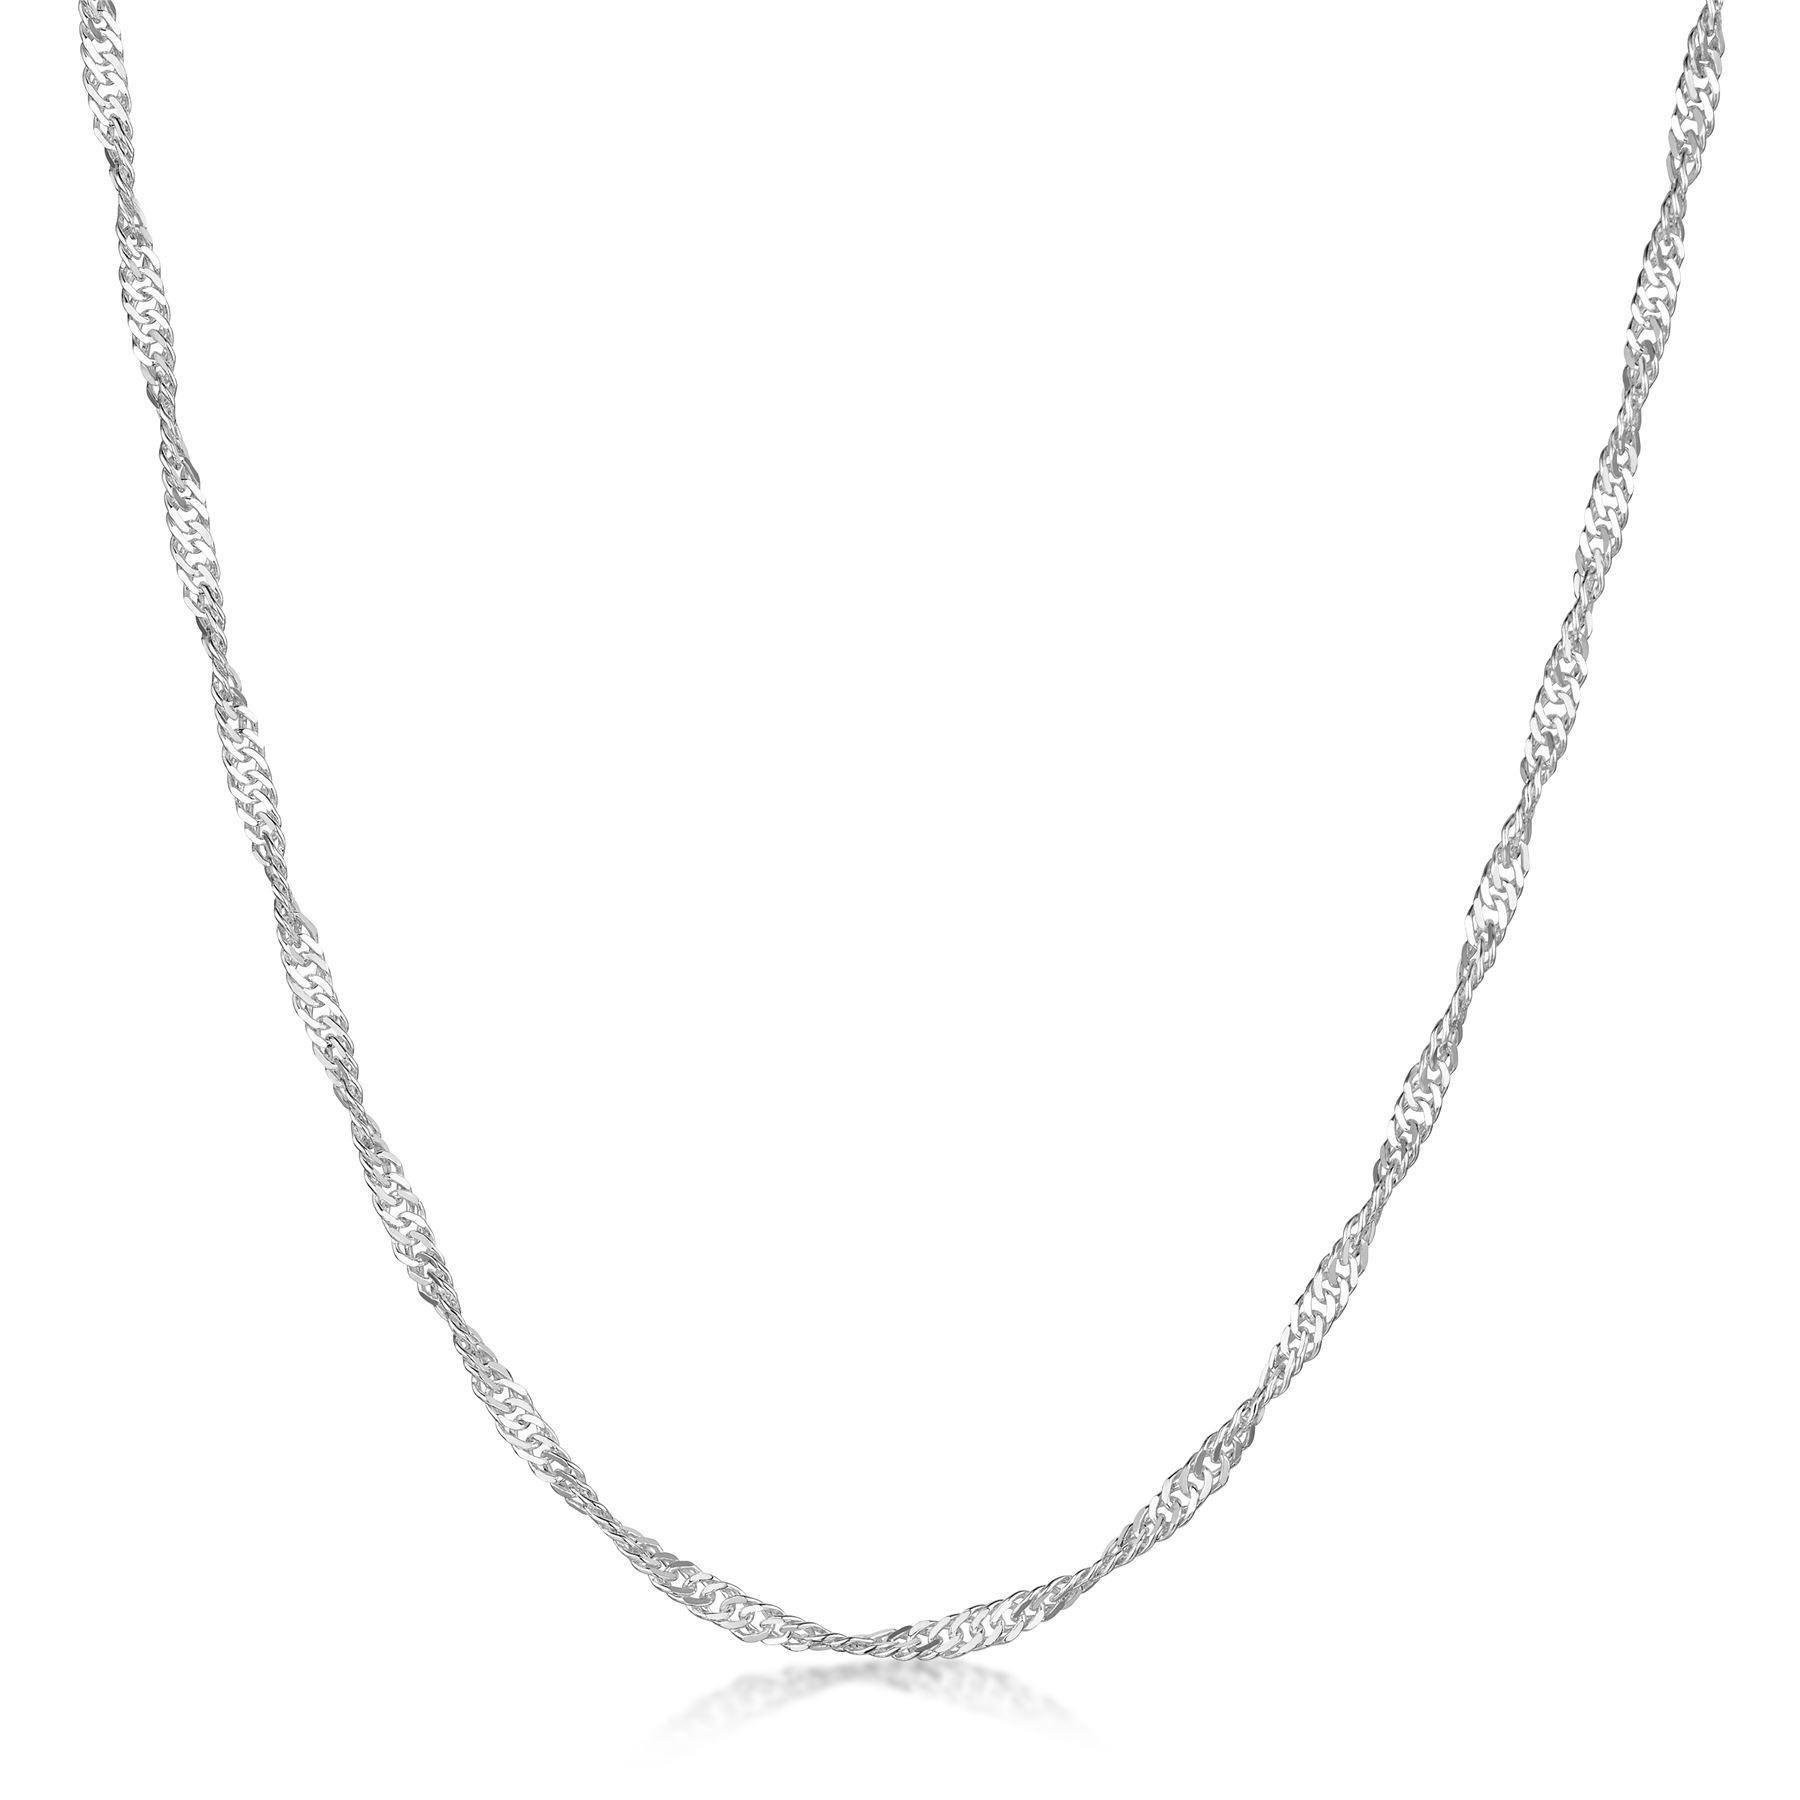 Amberta-Collar-en-Plata-De-Ley-925-Autentica-Cadena-para-Mujer-y-Hombre-Italiana miniatura 90